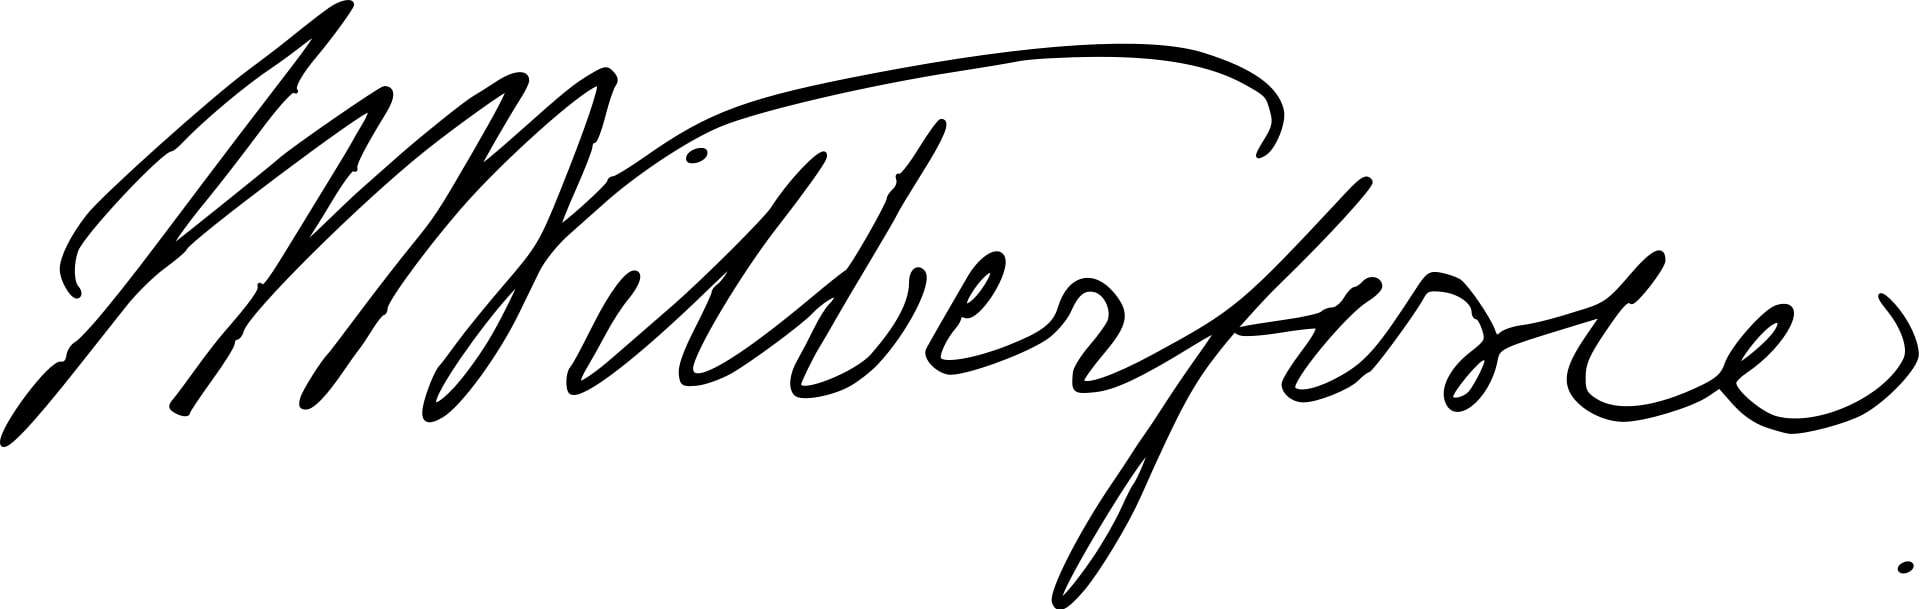 William Wilberforce Signature